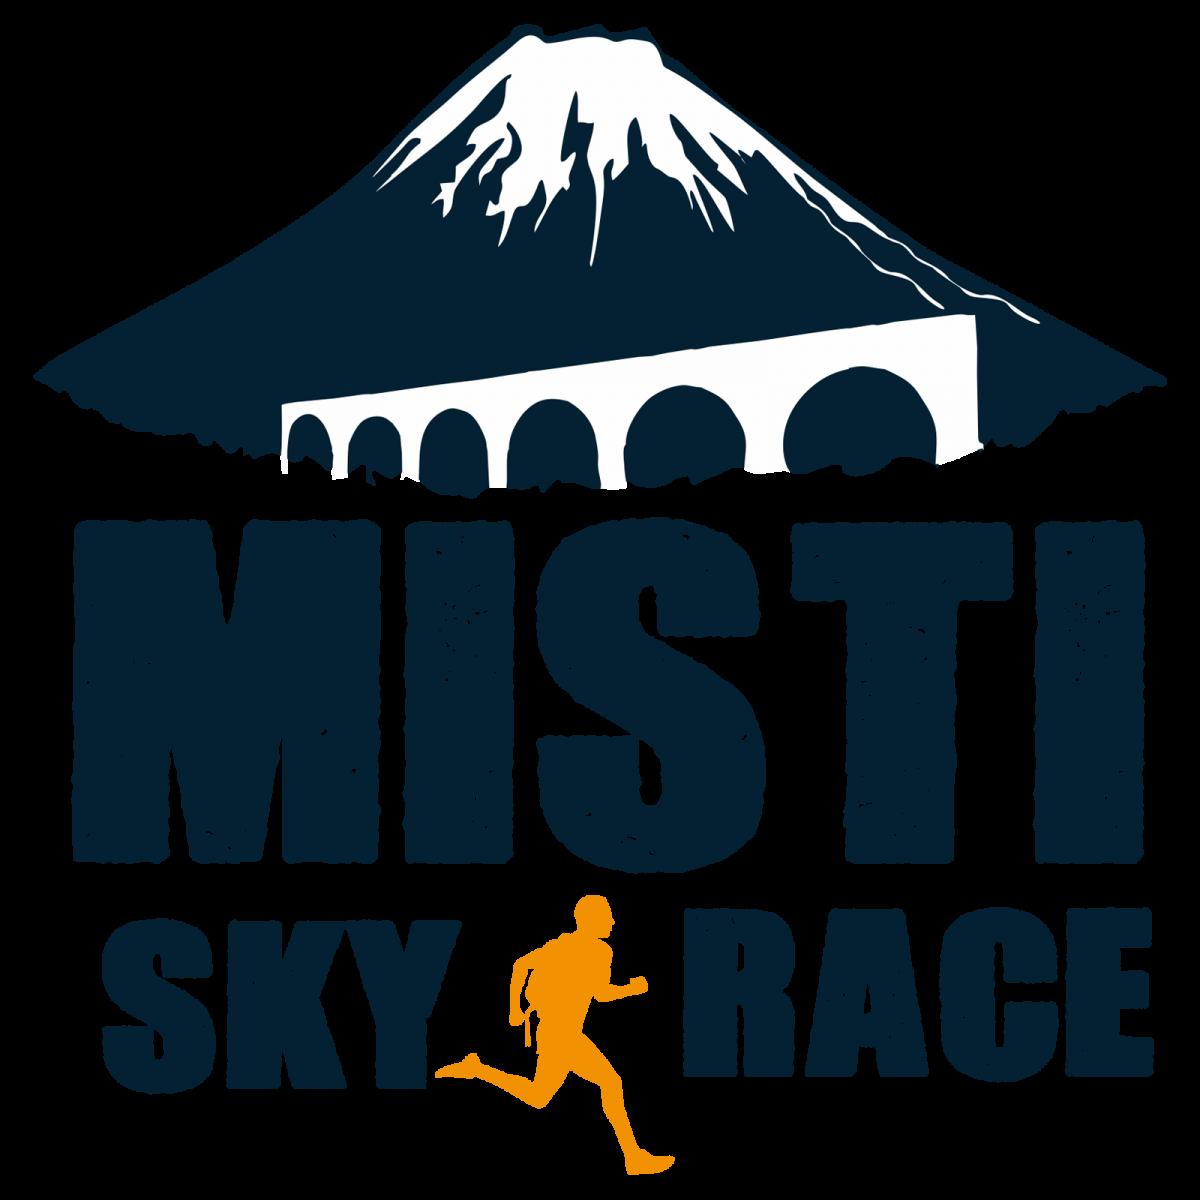 MSR Misti Skyrace 2018